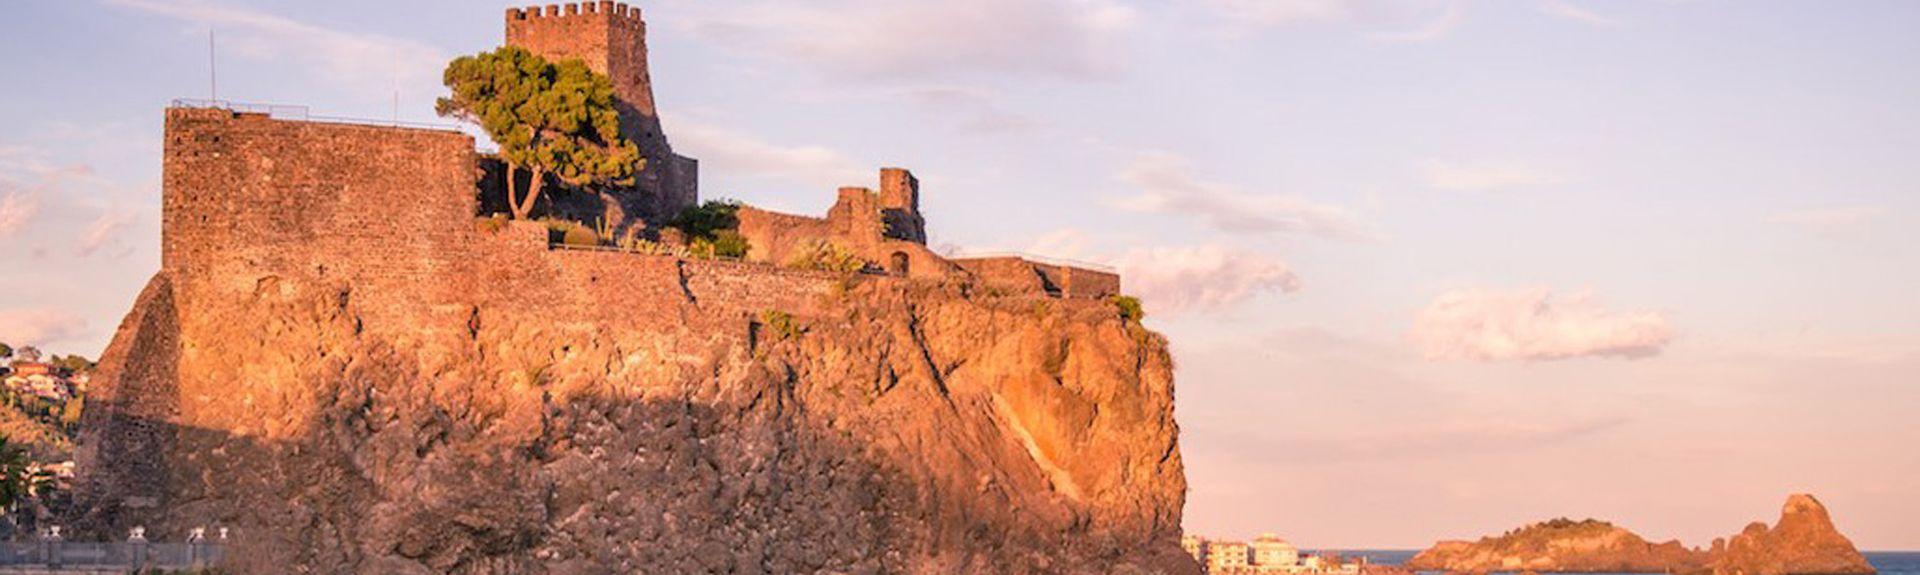 Misterbianco, Catania, Sicily, Italy